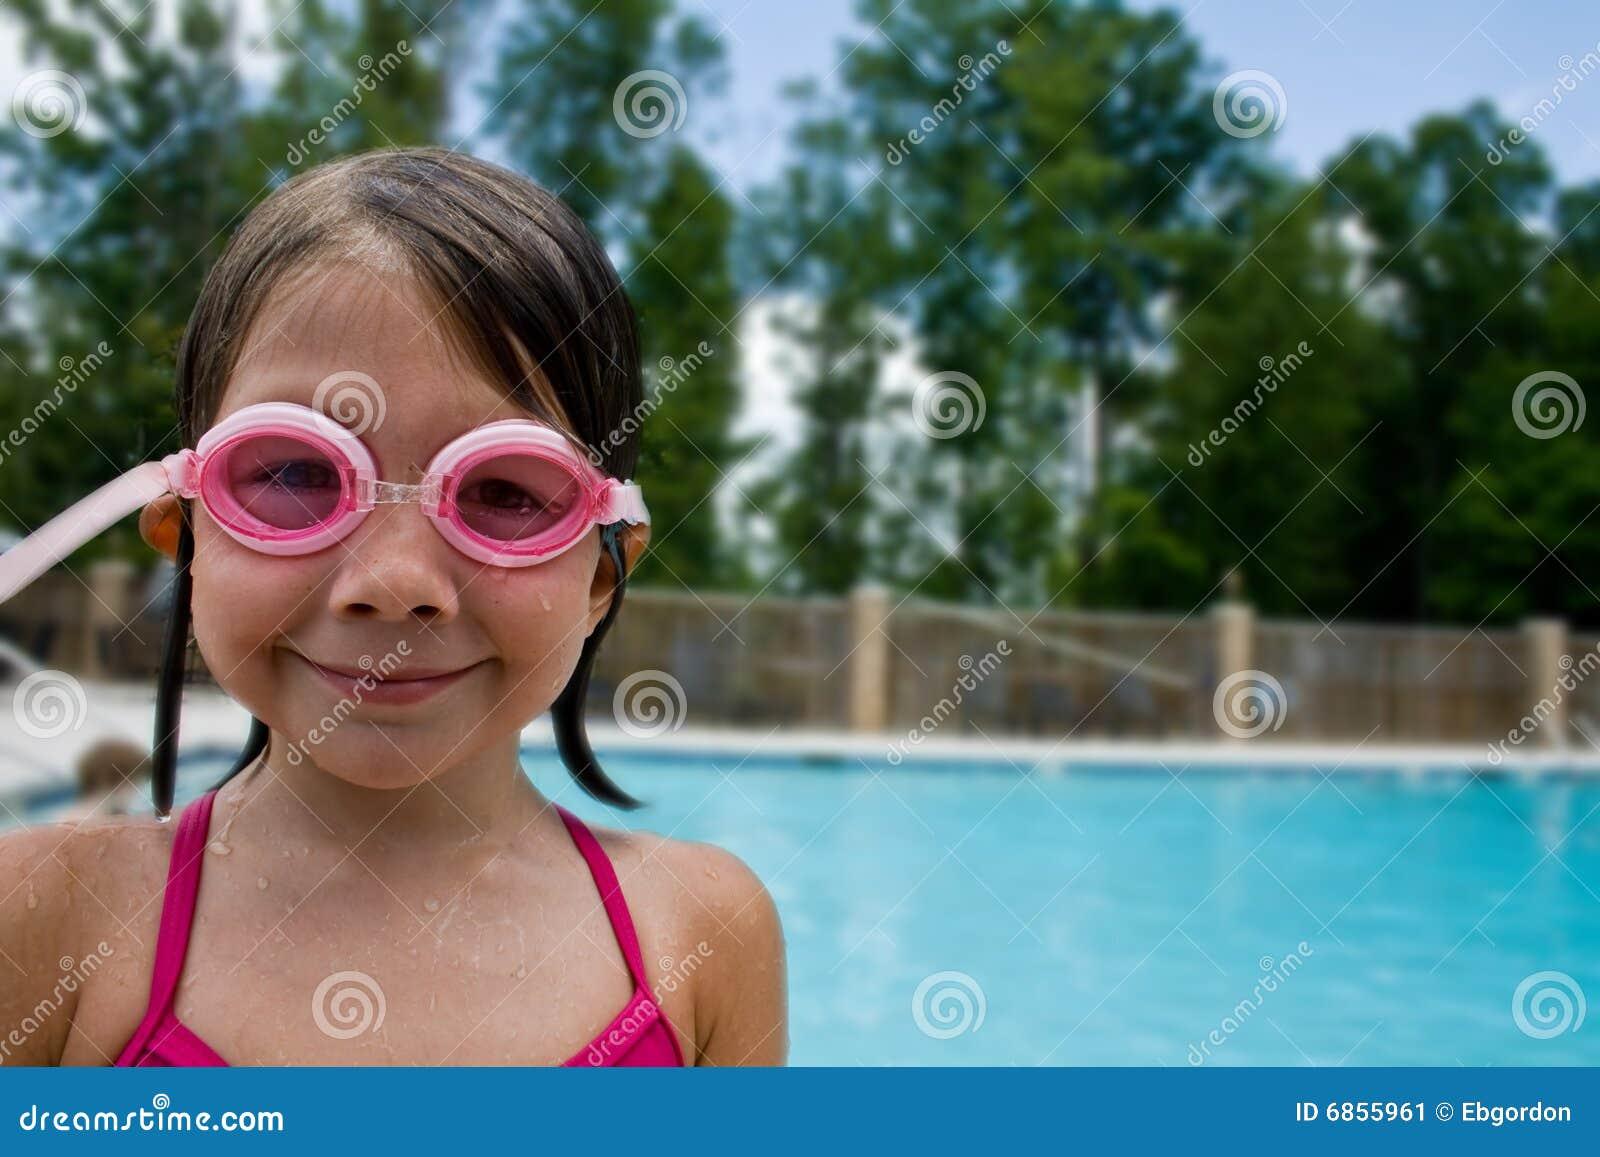 女孩游泳者